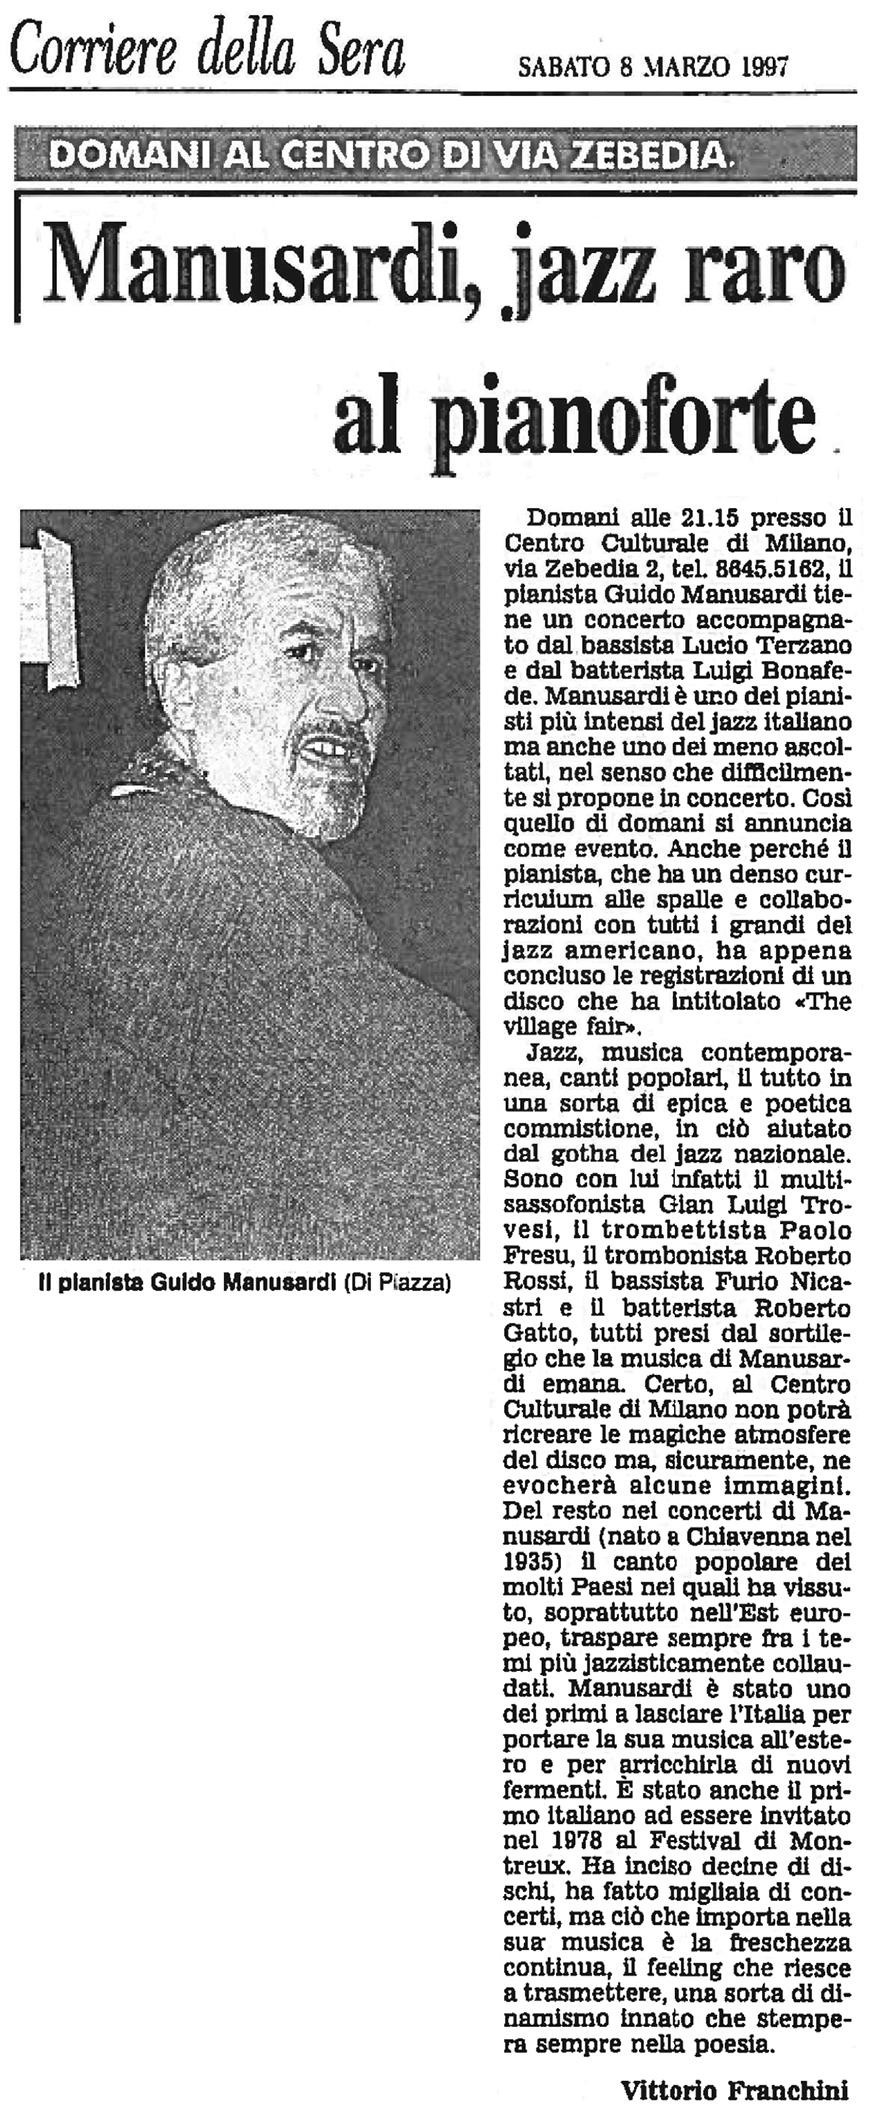 CORRIERE DELLA SERA 1997